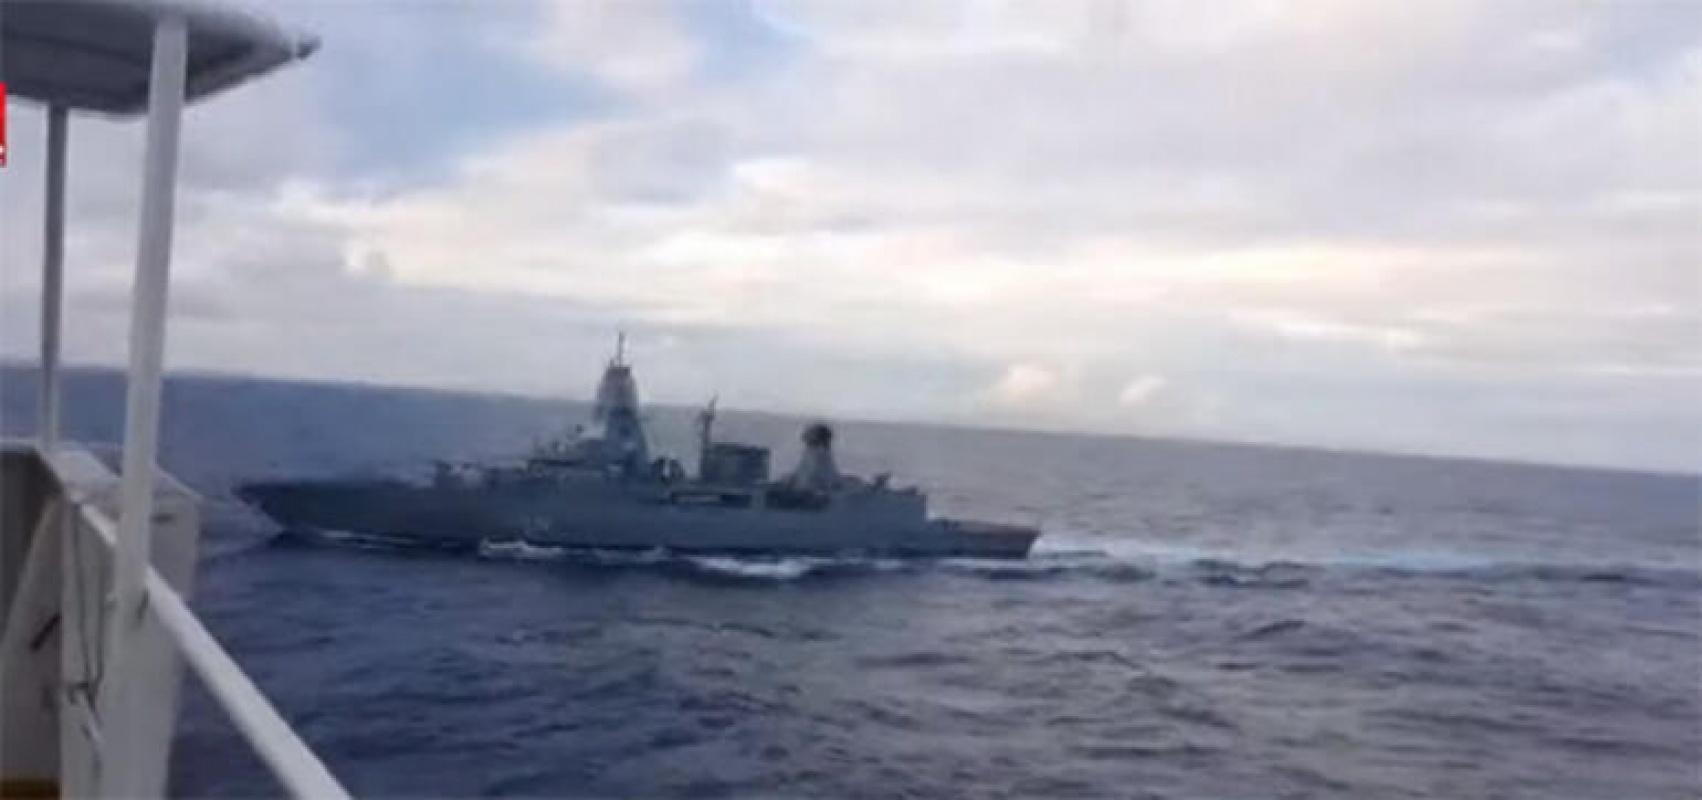 Türk gemisindeki skandal aramaya Dışişleri'nden çok sert tepki